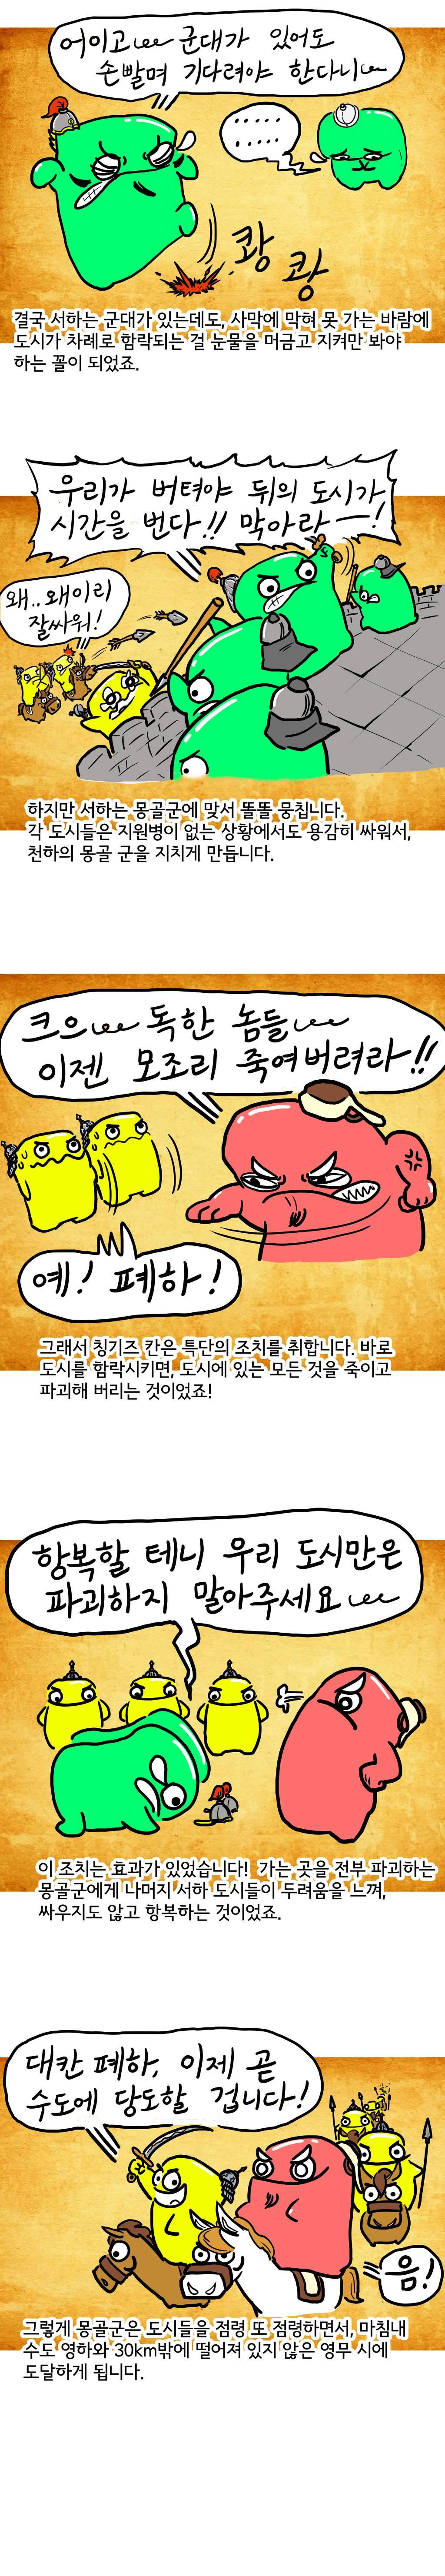 칭기즈칸의 정복전쟁 만화 (서하, 금나라 정벌).jpg | 인스티즈